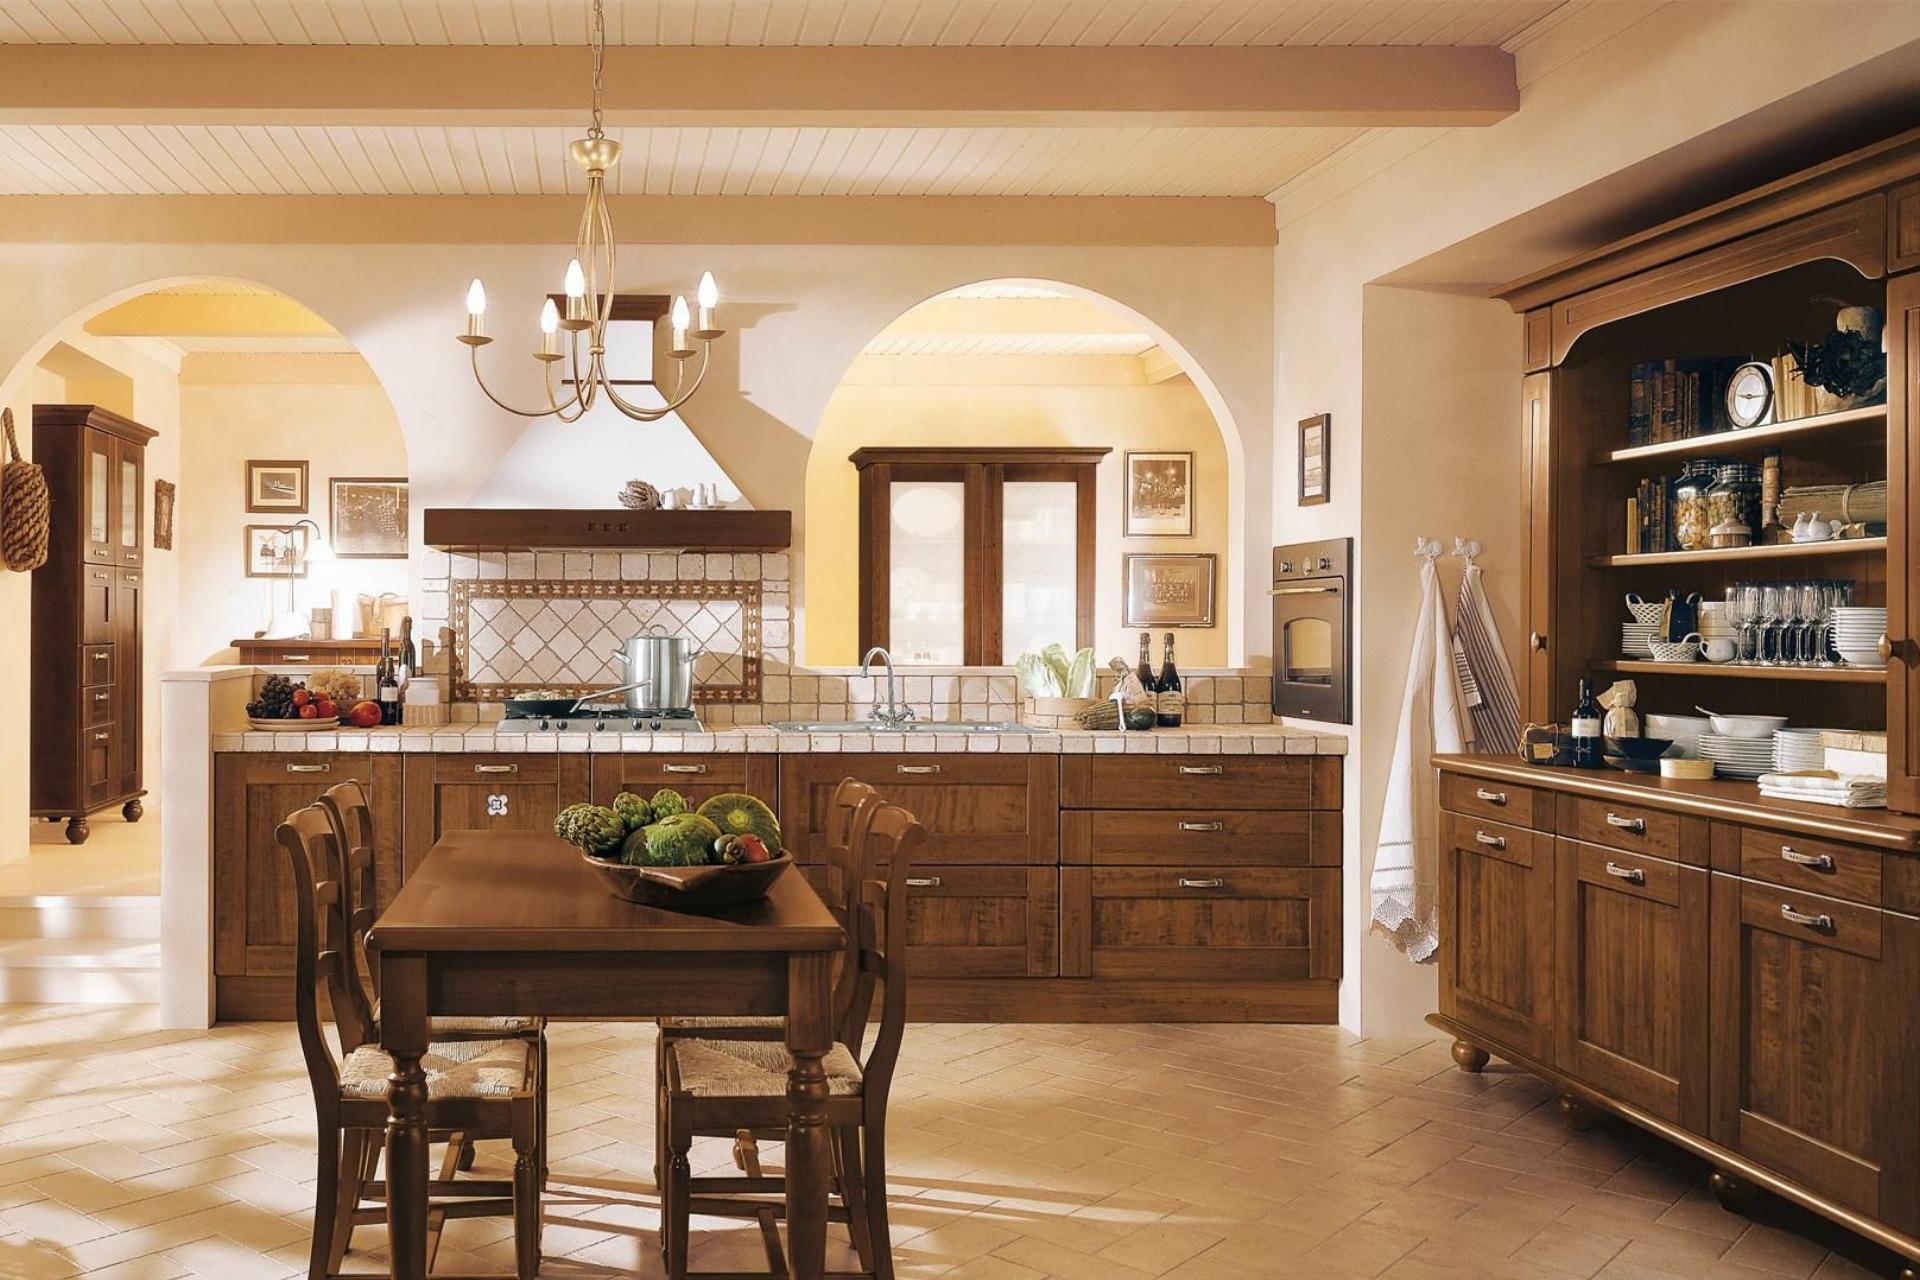 Idee e consigli per arredare casa in stile Arte povera ...